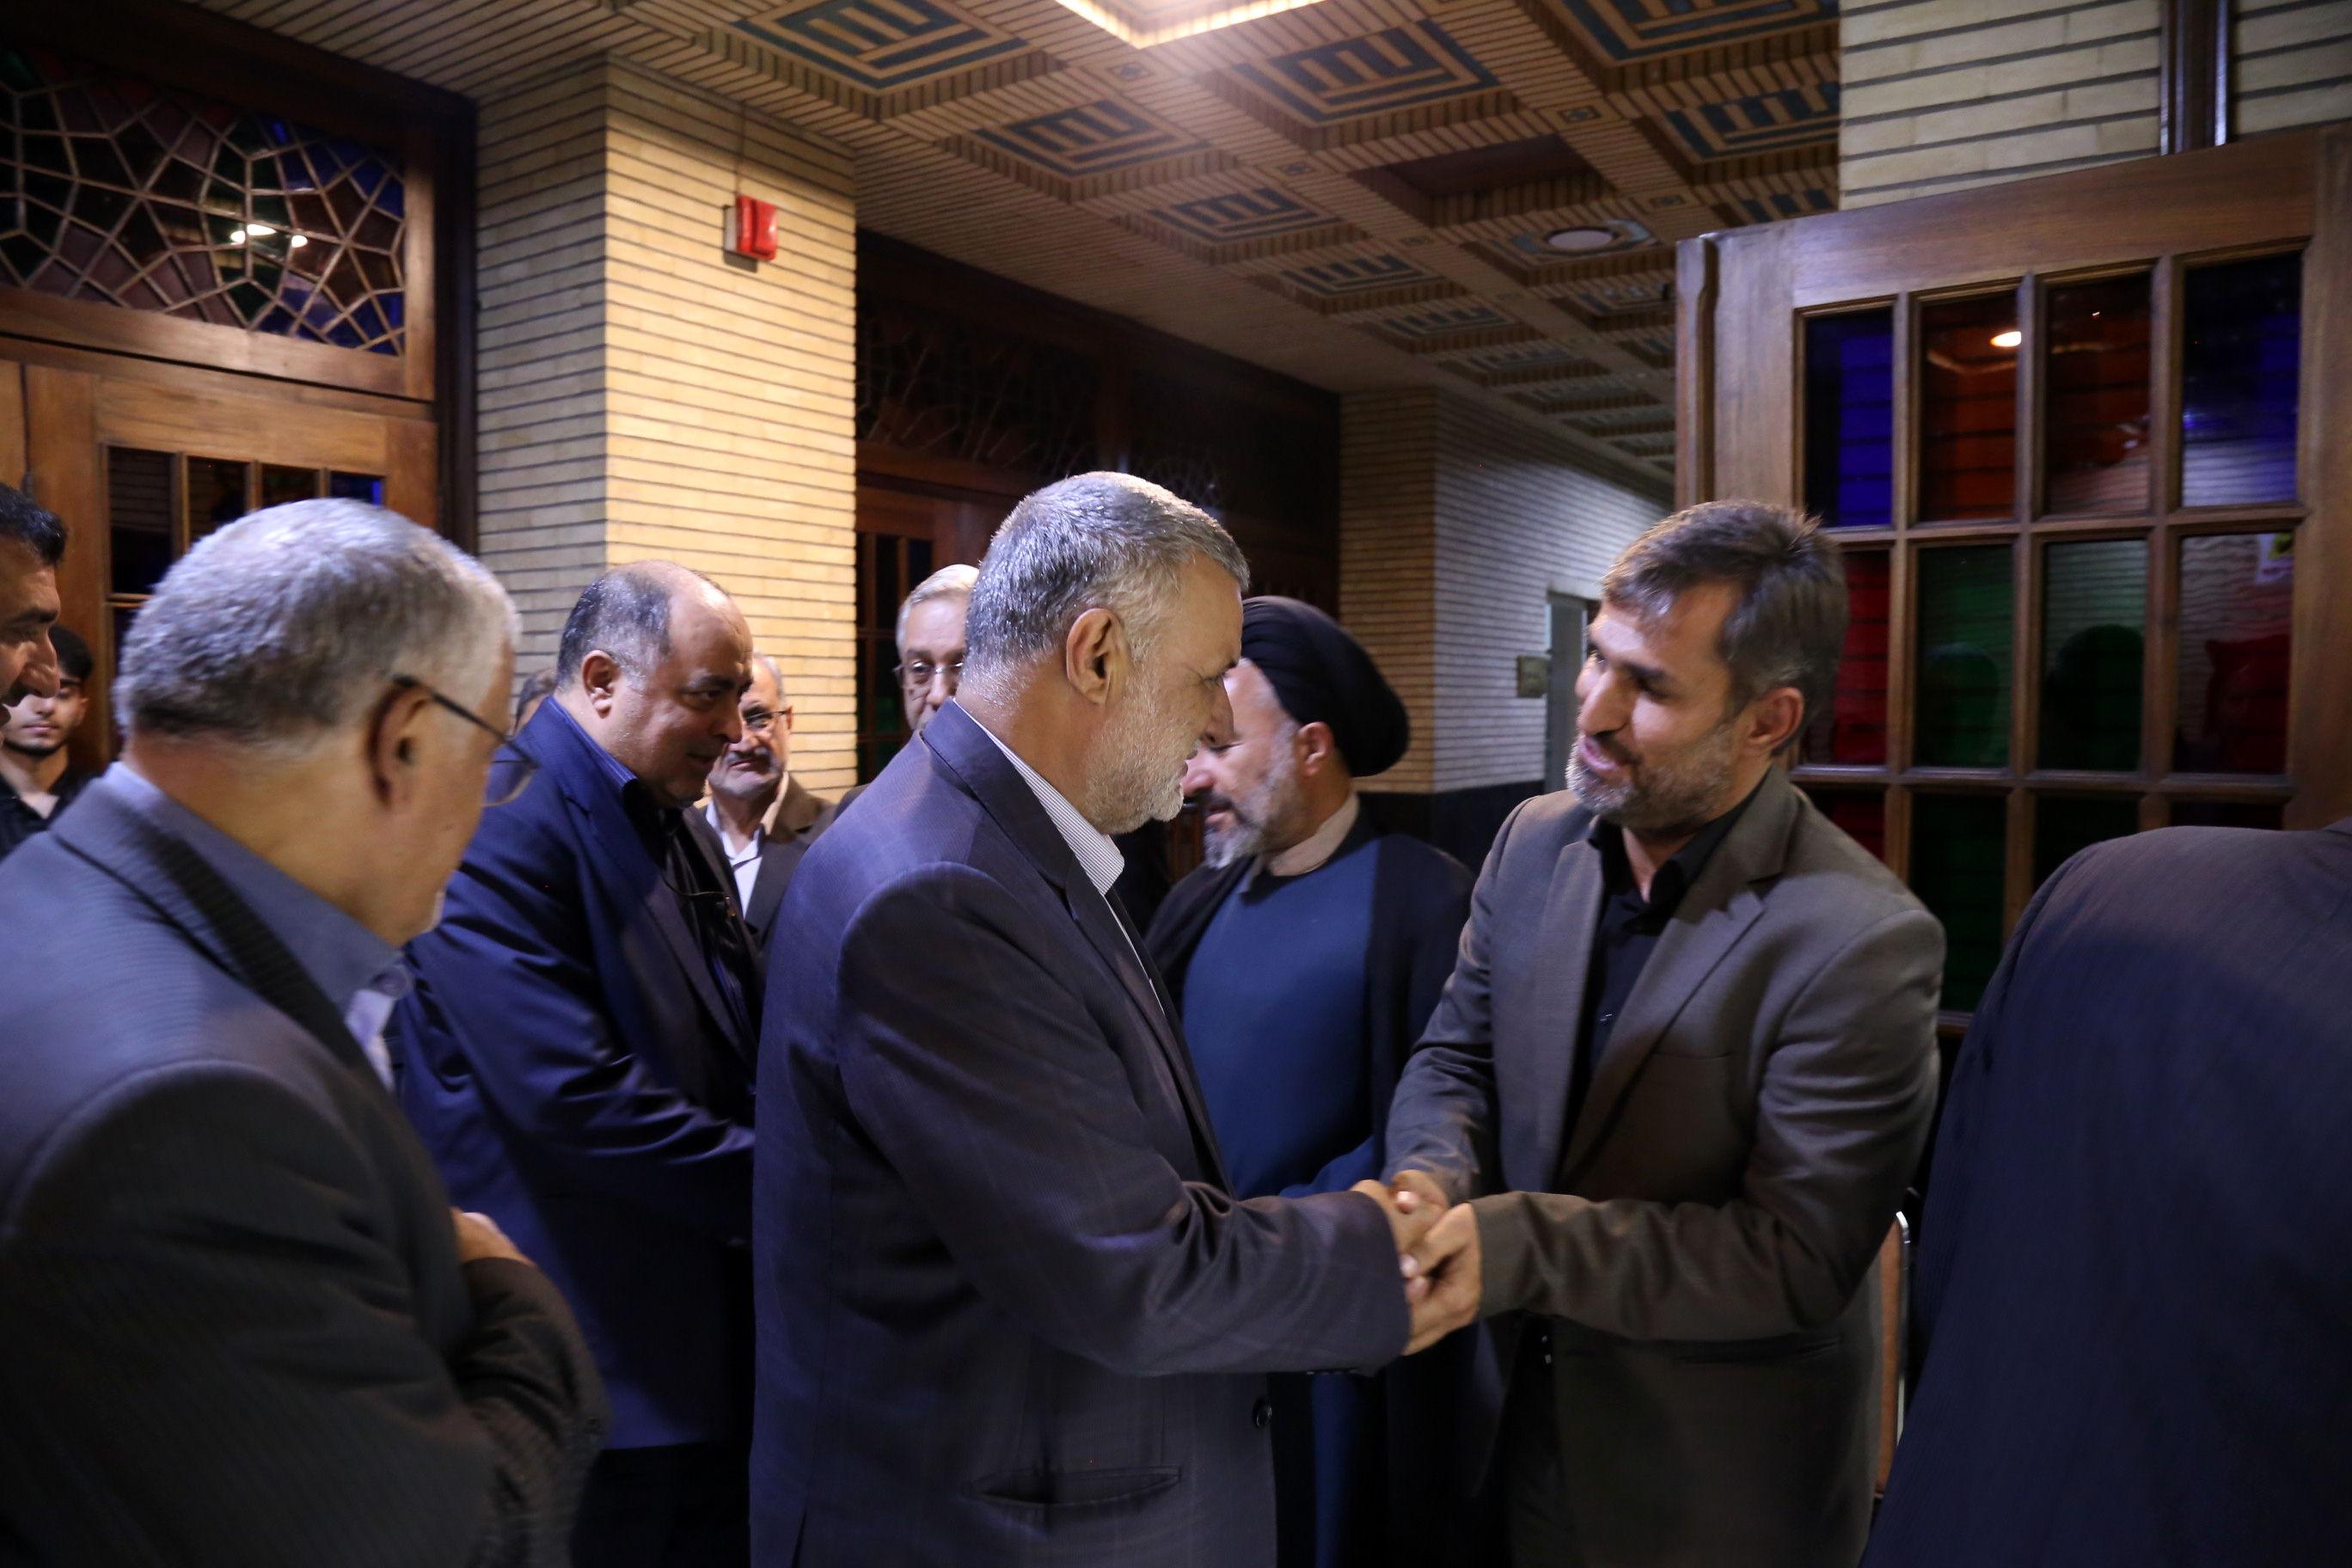 مجلس ترحیم ابوی رئیس مرکز روابط عمومی و اطلاع رسانی وزارت جهادکشاورزی